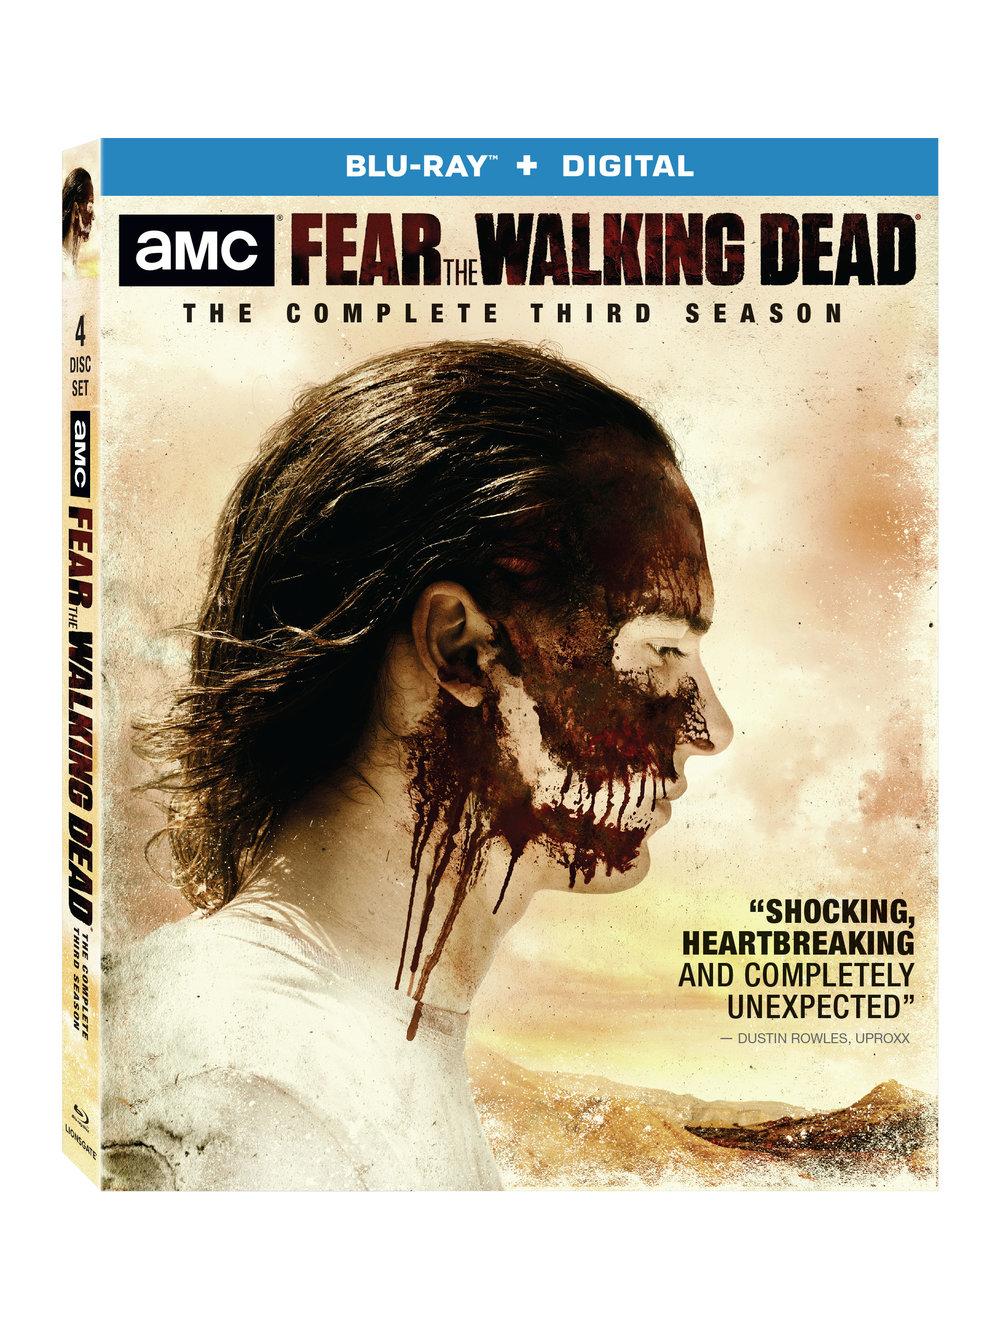 """SANTA MÓNICA, CA (16 de enero de 2018) – El engaño puede alzarse como un enemigo mortal cuando la tercera temporada de """" Fear  the Walking Dead"""" – el acompañamiento perfecto a """"The Walking Dead"""", la mejor serie televisiva por cable– desembarque en Blu-ray (más Digital HD) y DVD el 13 de marzo de la mano de Lionsgate. En pleno colapso de la sociedad, las familias deberán aliarse para sobrevivir al apocalipsis y luchar contra las amenazas que se les presentarán por todos los frentes. Considerada como """"la mejor temporada completa hasta la fecha"""" ( Forbes ), la tercera temporada de """" Fear the Walking Dead"""" está protagonizada por Kim Dickens ( Miss Peregrine's Home for Peculiar Children, Gone Girl ), Cliff Curtis ( Risen, The Dark Horse ), Frank Dillane (""""Sense8"""", Harry Potter and the Half-Blood Prince ) y Alycia Debnam-Carey ( Friend Request ).    Cuando  """"Fear the Walking Dead"""" regrese en una tercera temporada, las familias tendrán que mantenerse unidas en una vibrante y violenta zona de transición de la frontera entre México y Estados Unidos. Con las fronteras internacionales completamente borradas tras el final del mundo, nuestros personajes tratarán de reconstruir la sociedad y también sus familias.      El lanzamiento para el entretenimiento en el hogar de  """"Fear the Walking Dead"""" Season 3 viene con audiocomentarios y escenas extendidas y eliminadas. """" Fear  the Walking Dead"""" Season  3   estará disponible en Blu-ray (más Digital HD) y DVD por el precio sugerido de venta de $44.99 y $39.98, respectivamente.     CONTENIDO ESPECIAL DEL BLU-RAY / DVD   Audiocomentarios  Escenas Eliminadas & Extendidas"""